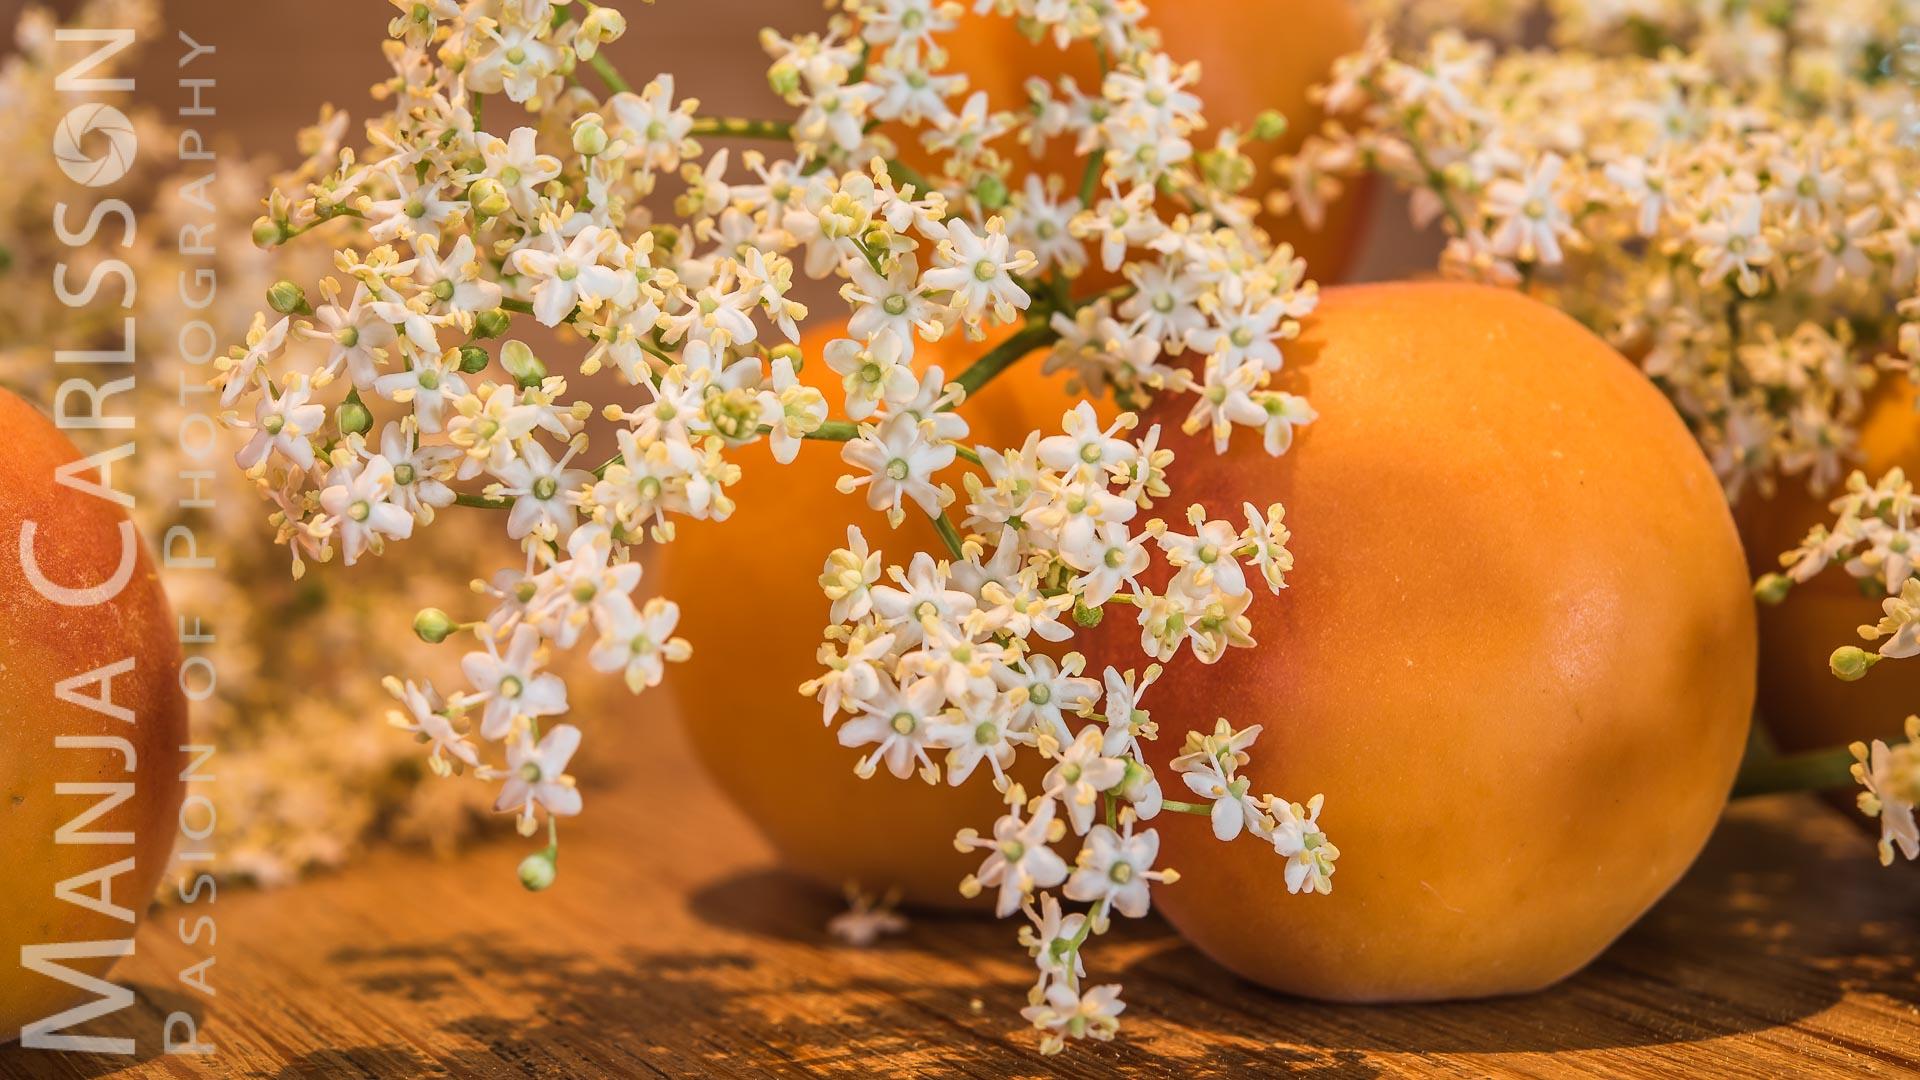 Aprikosen und Holunderblueten